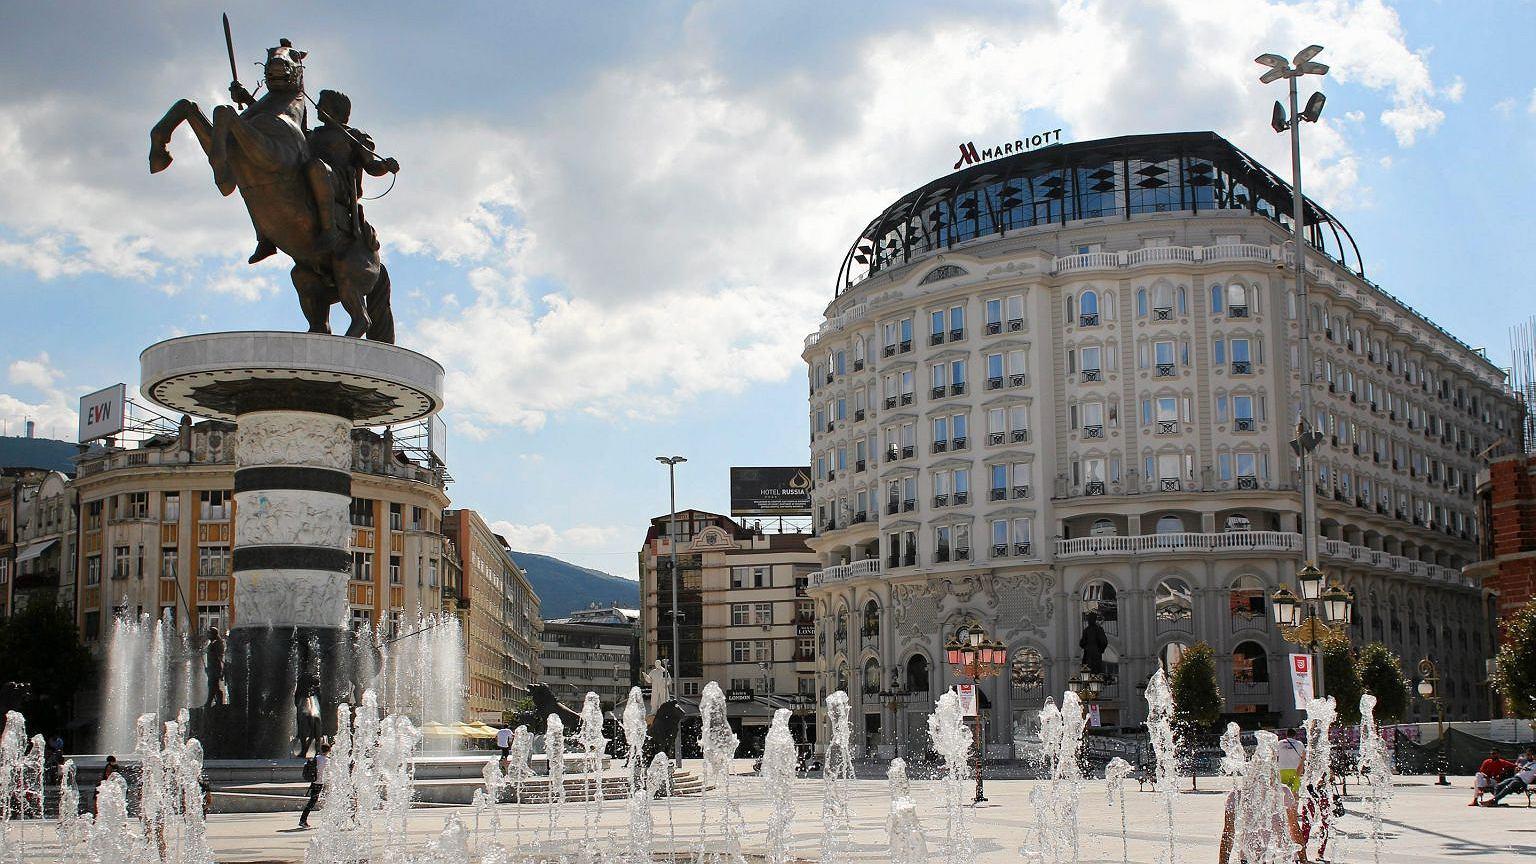 Centrum Skopje po antykizacji w myśl idei czyniącej z dzisiejszych Macedończyków spadkobierców starożytnej greckiej Macedonii